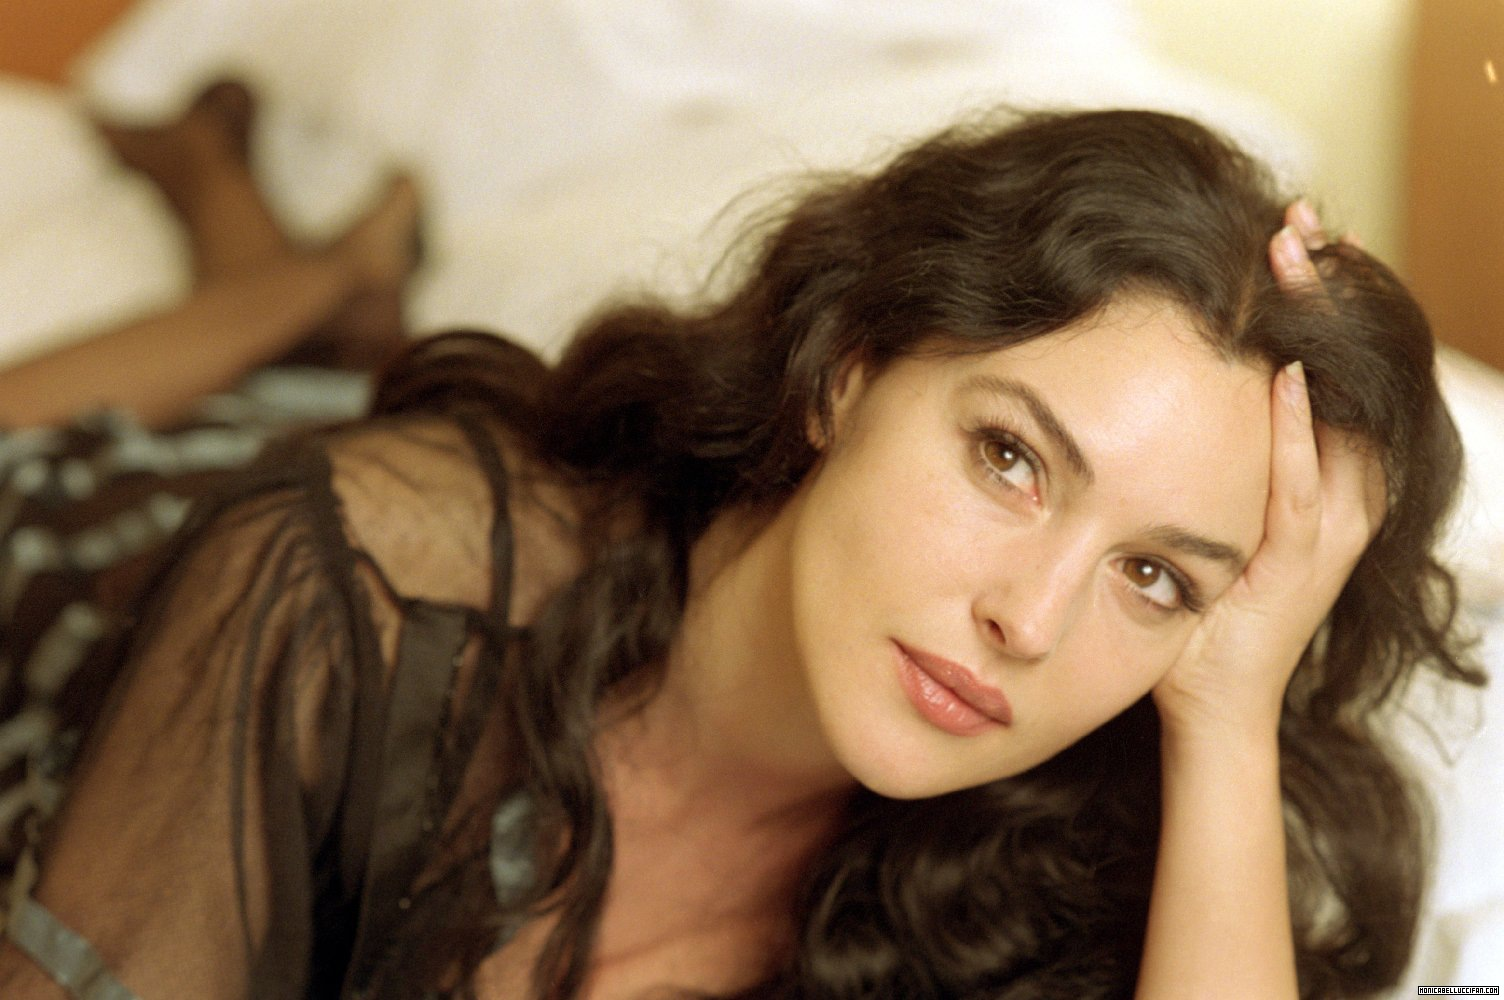 http://2.bp.blogspot.com/-jUO-WS7nMa0/TkatbvImVsI/AAAAAAAAANI/PNhRPOVmzK8/s1600/Monica_Bellucci_1999_Malna_Photoshoot_005.jpg